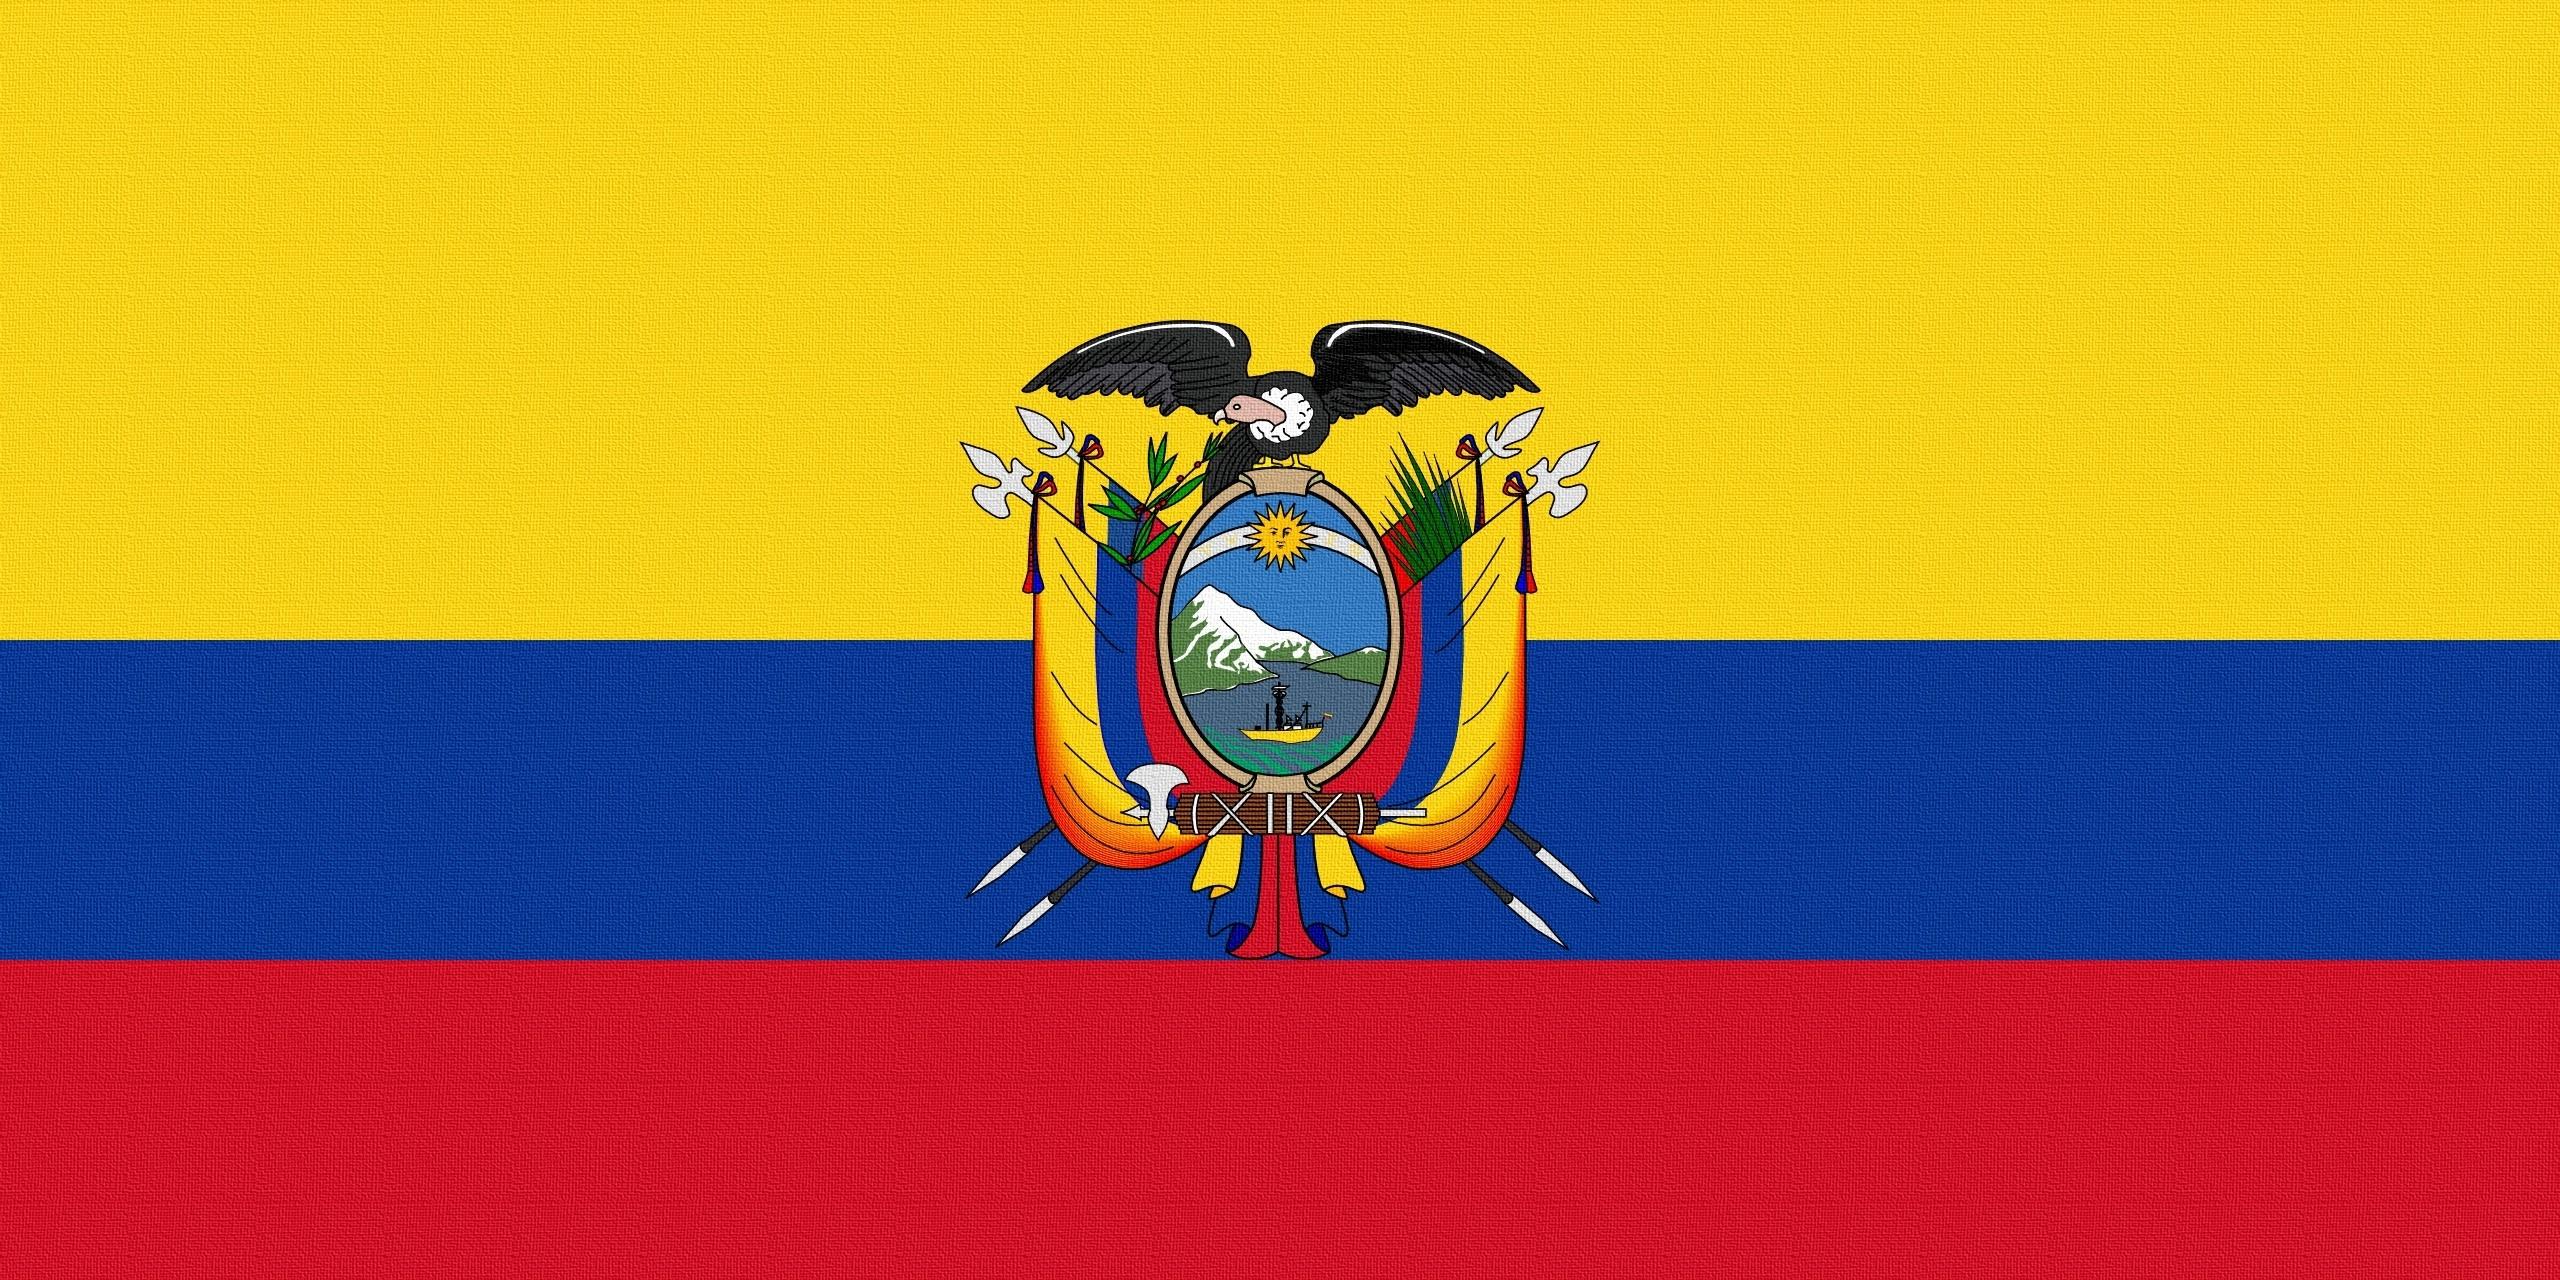 98431 Hintergrundbild herunterladen Wappen, Verschiedenes, Sonstige, Flagge, Flag, Ecuador - Bildschirmschoner und Bilder kostenlos